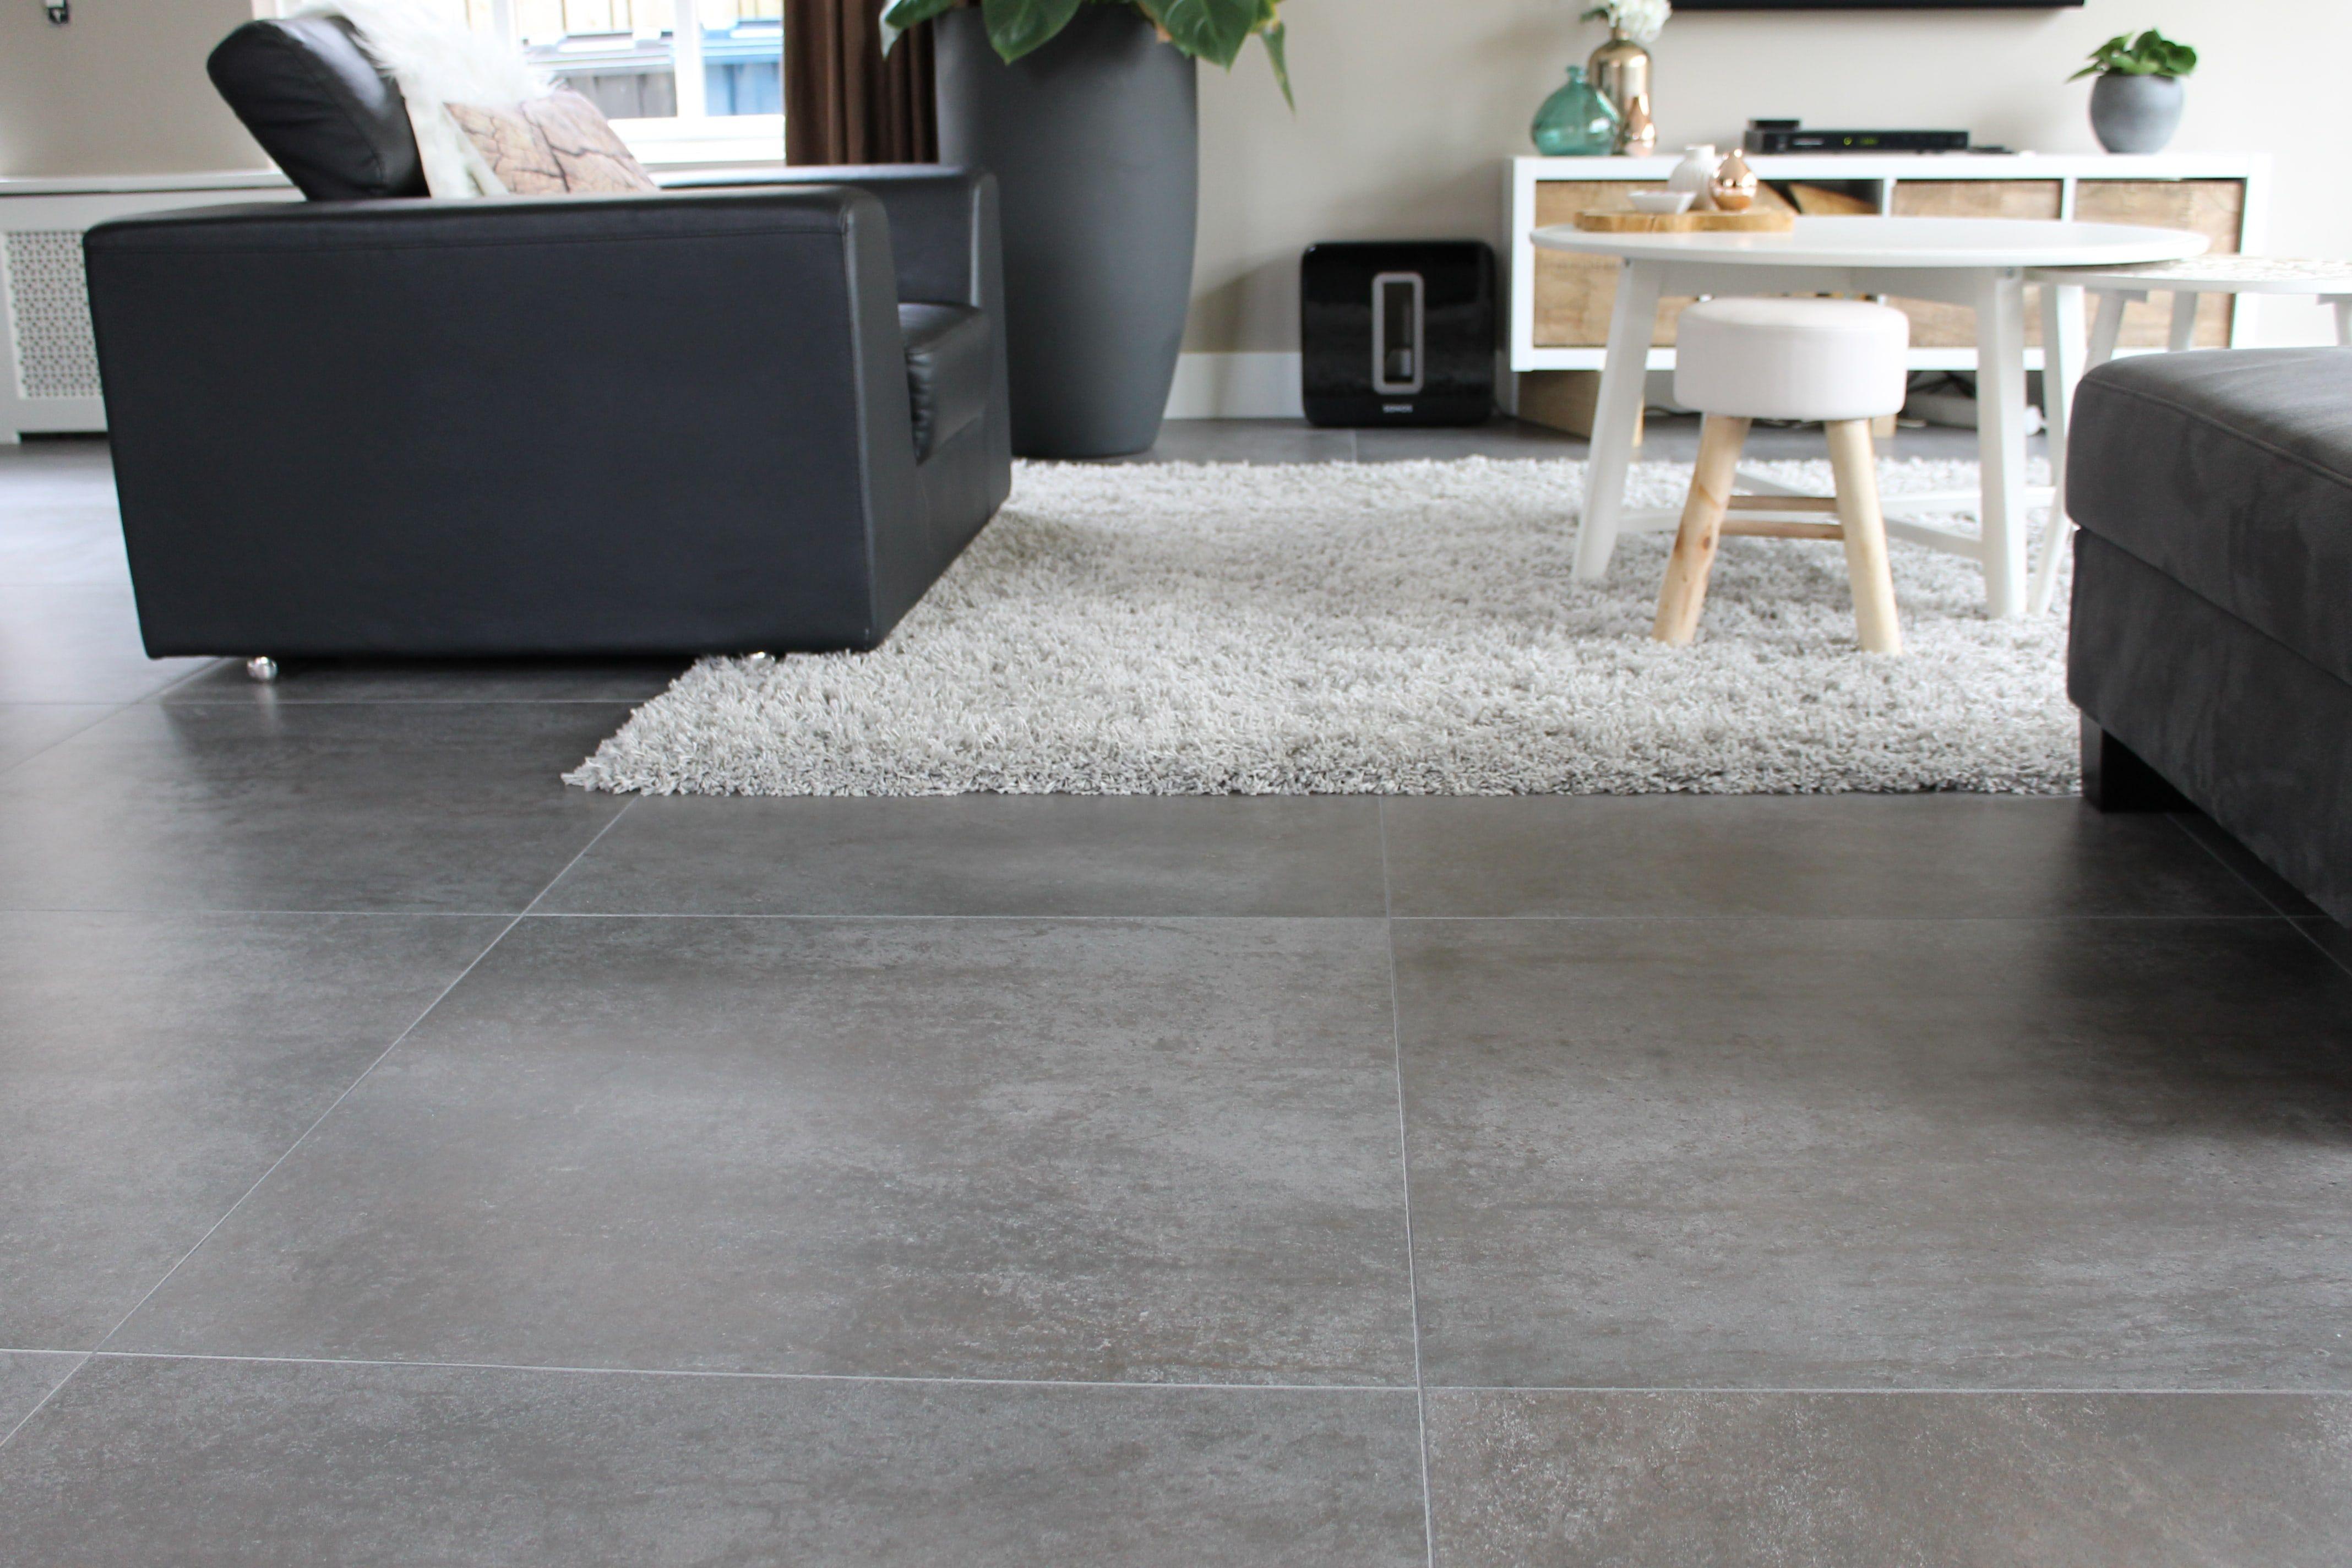 Grote natuurlijke tegels: prachtig voor in de woonkamer! | wonen ...